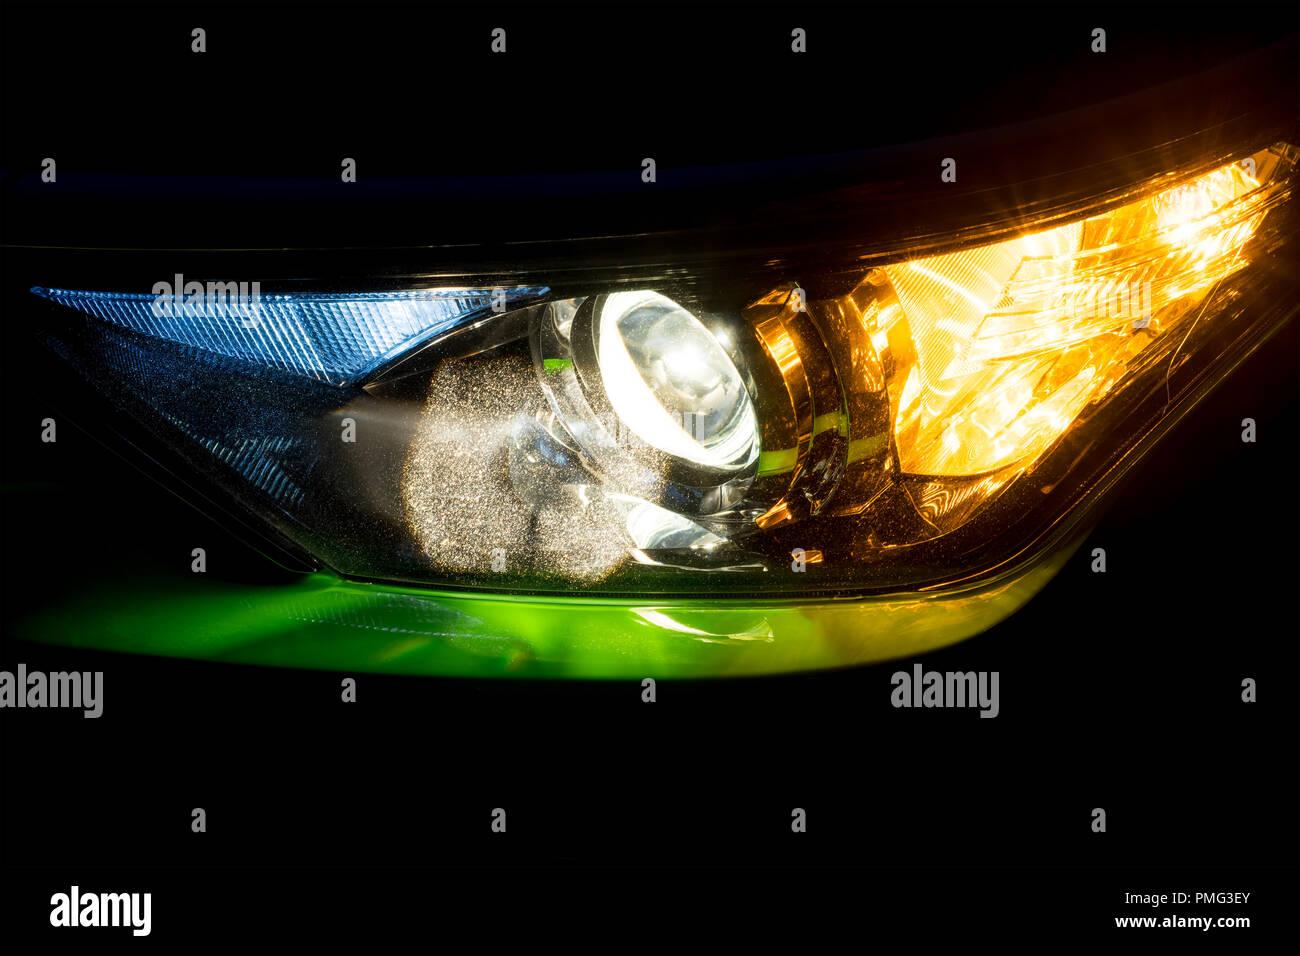 Faro anteriore su una moderna verde auto a notte. Anabbaglianti e luci indicatori di direzione lampeggiatore o lit. Foto Stock